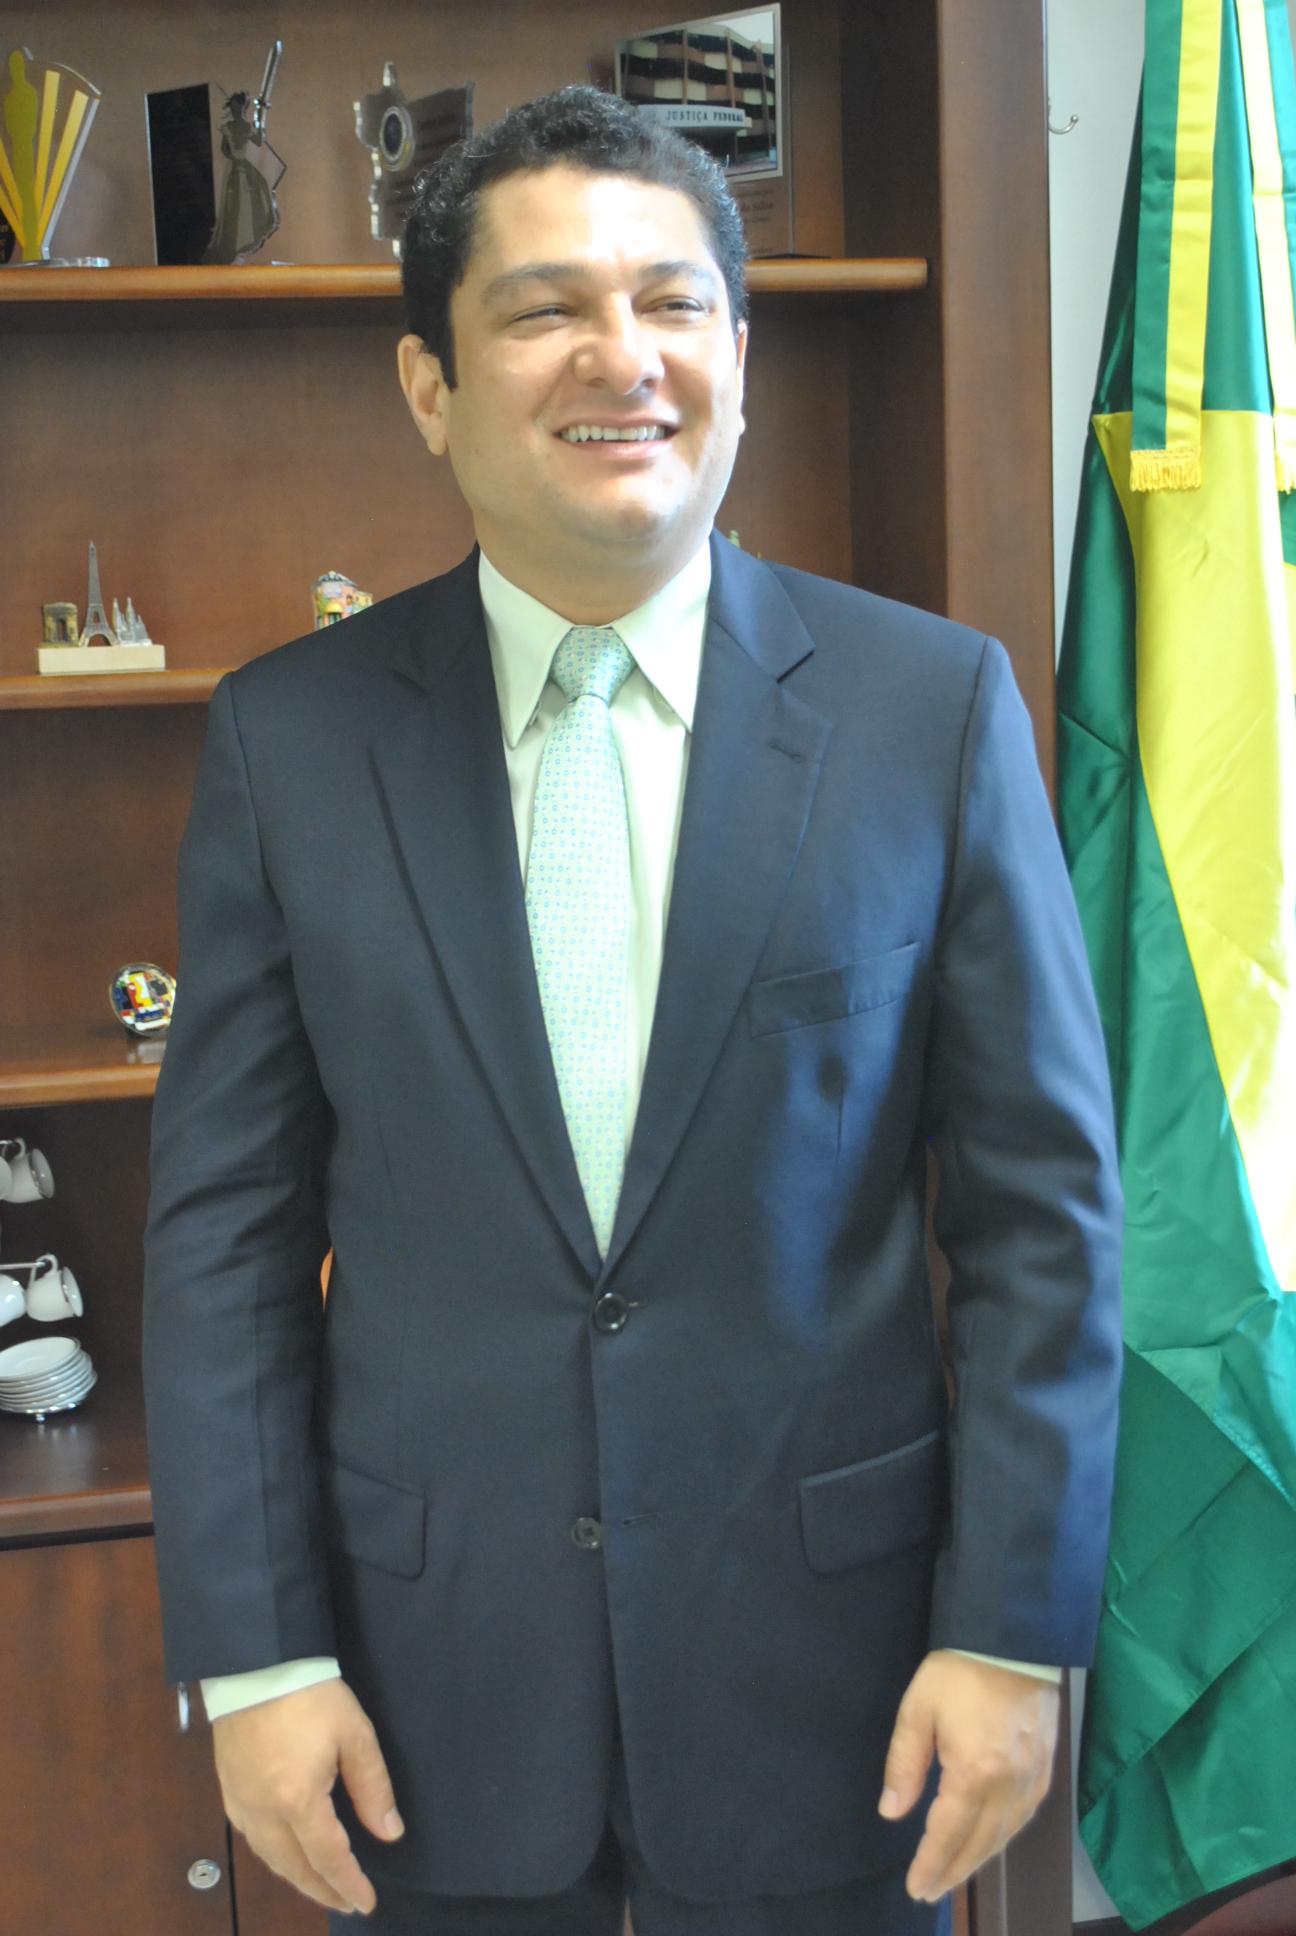 Defensor da continuidade do governo de Dilma Roussef, em Cuiabá. Este devbe ser o principal fator de afirmação da candidatura de Julier Sebastião em todas as regiões do Estado e junto a todas as correntes políticas e sociais